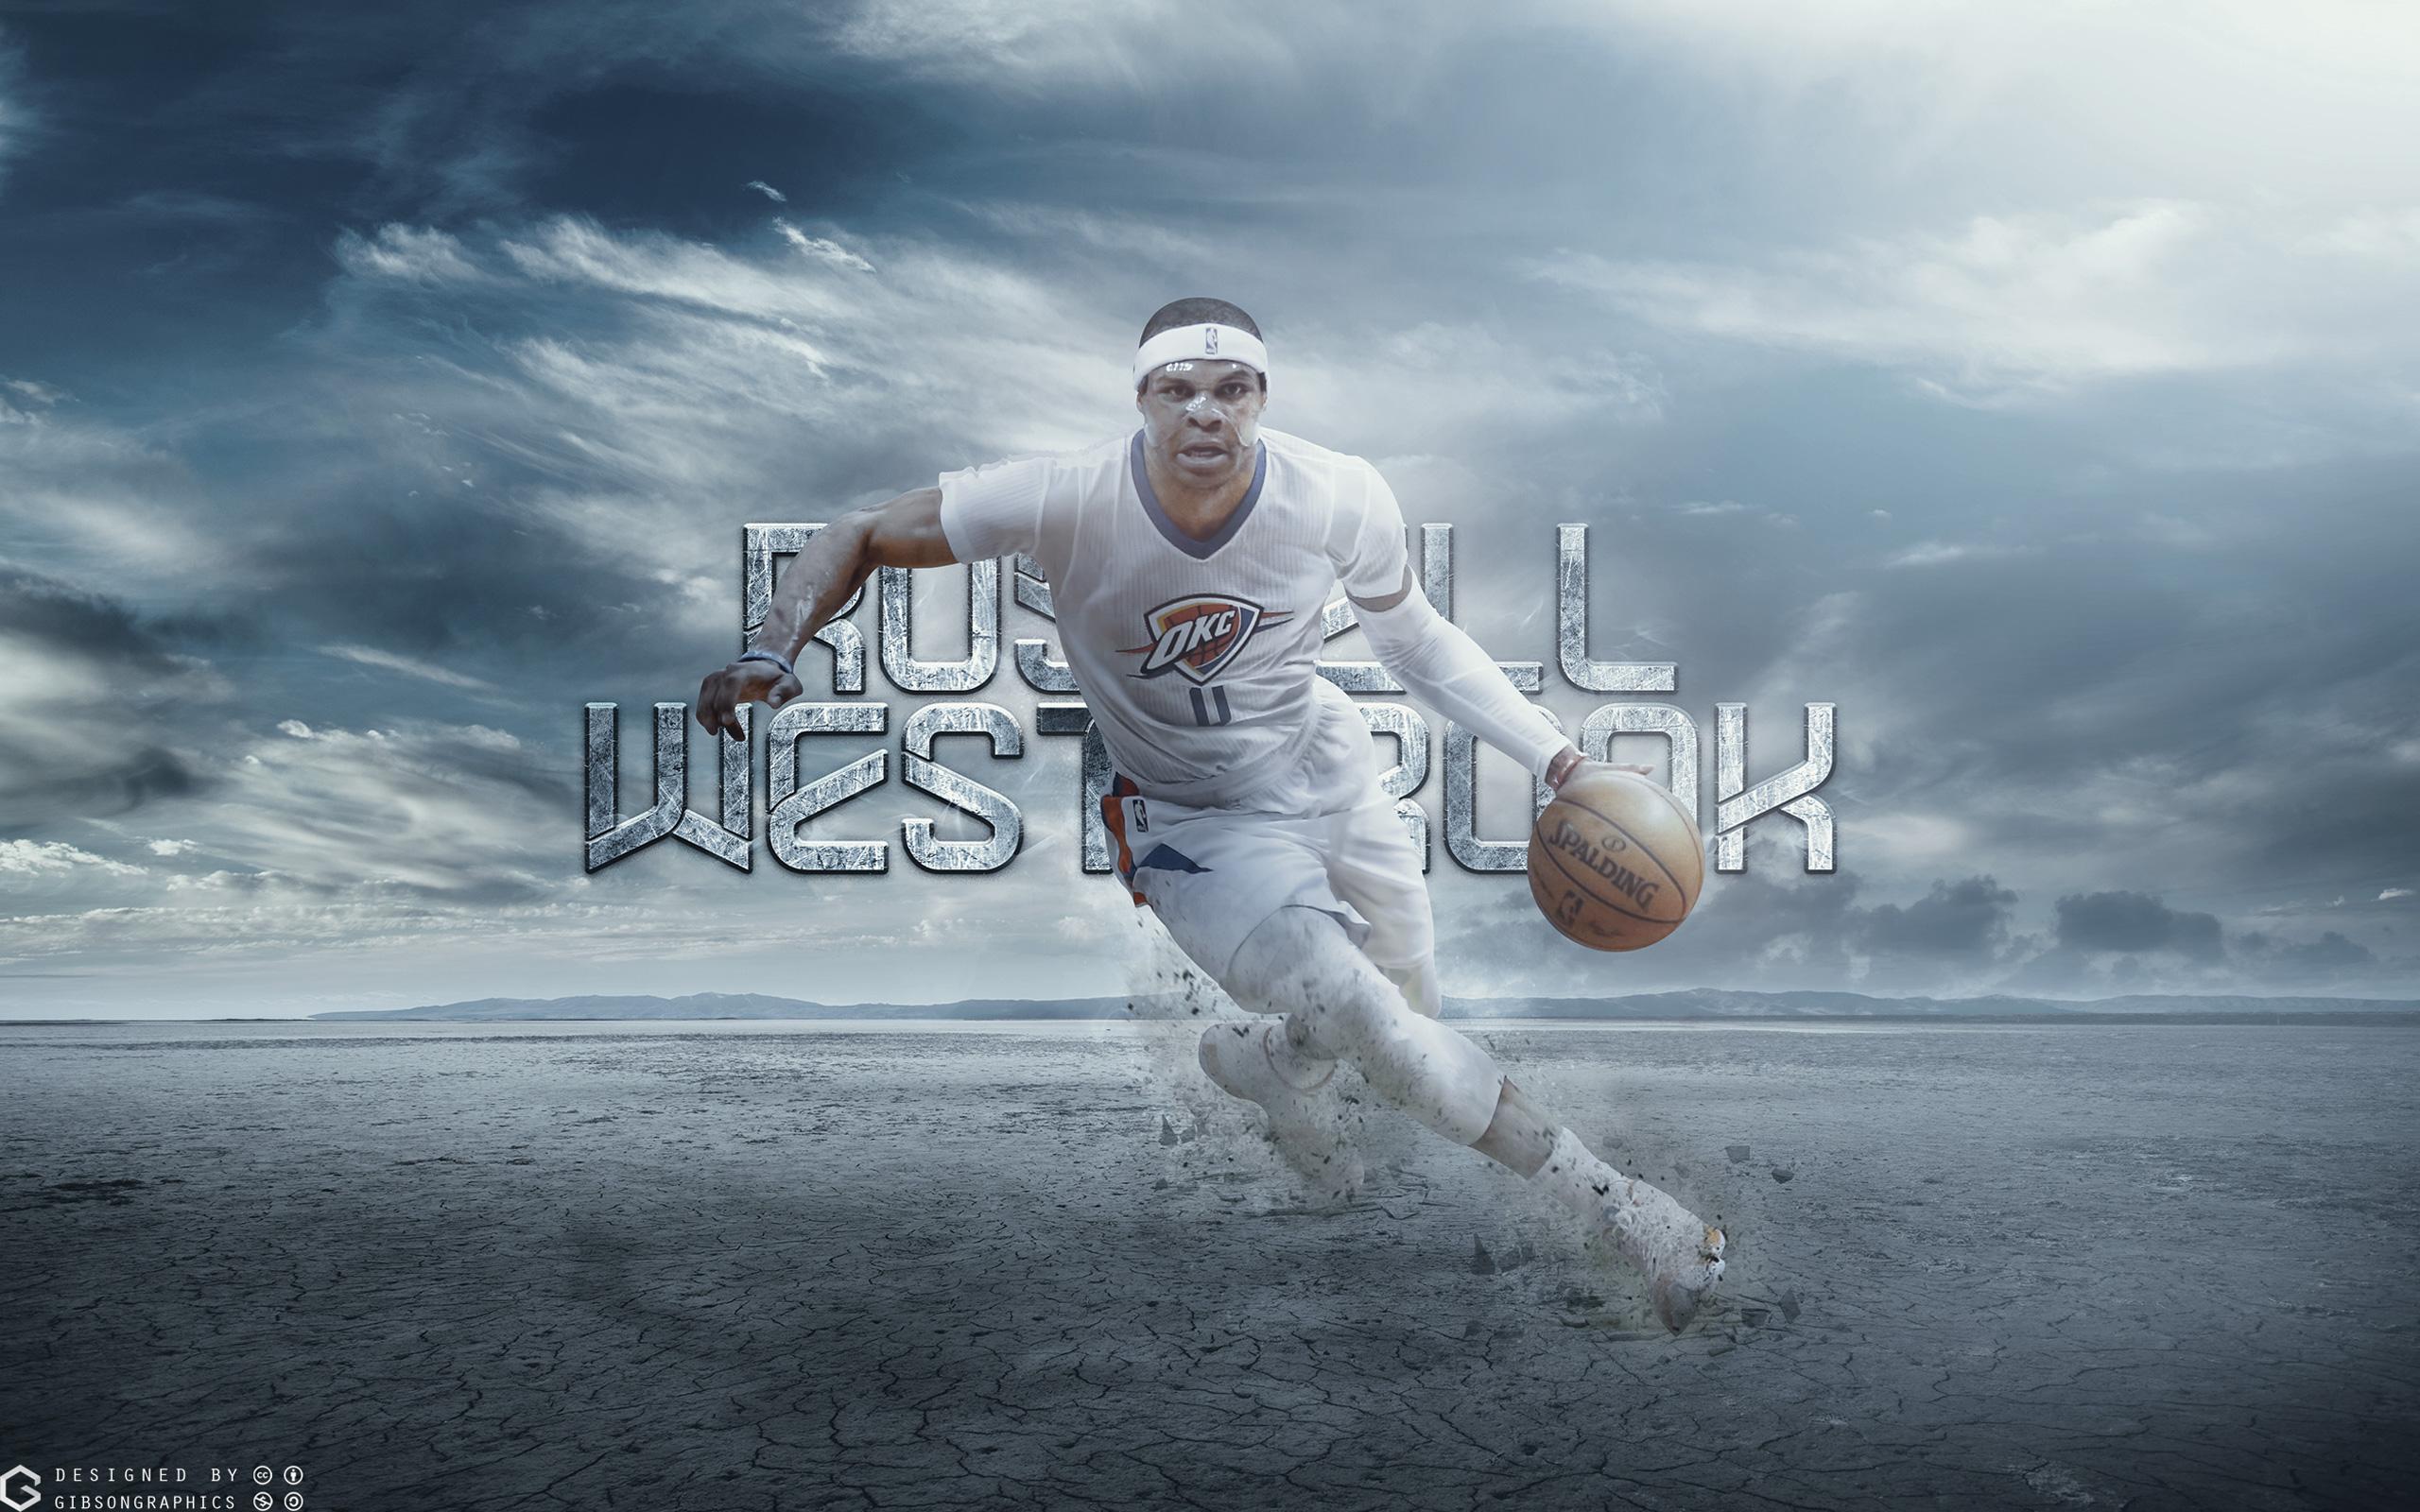 Russ Westbrook Thunder 2015 2560x1600 Wallpaper